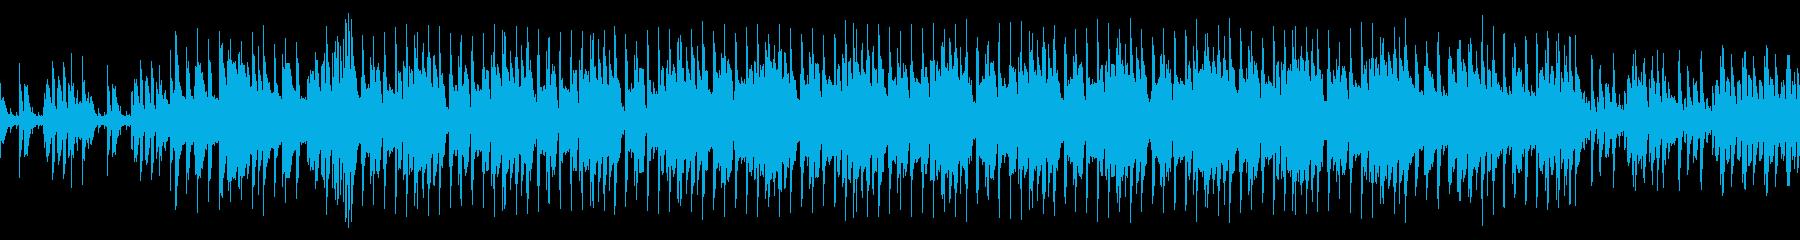 ハウスビートとピアノの緊張感のあるループの再生済みの波形